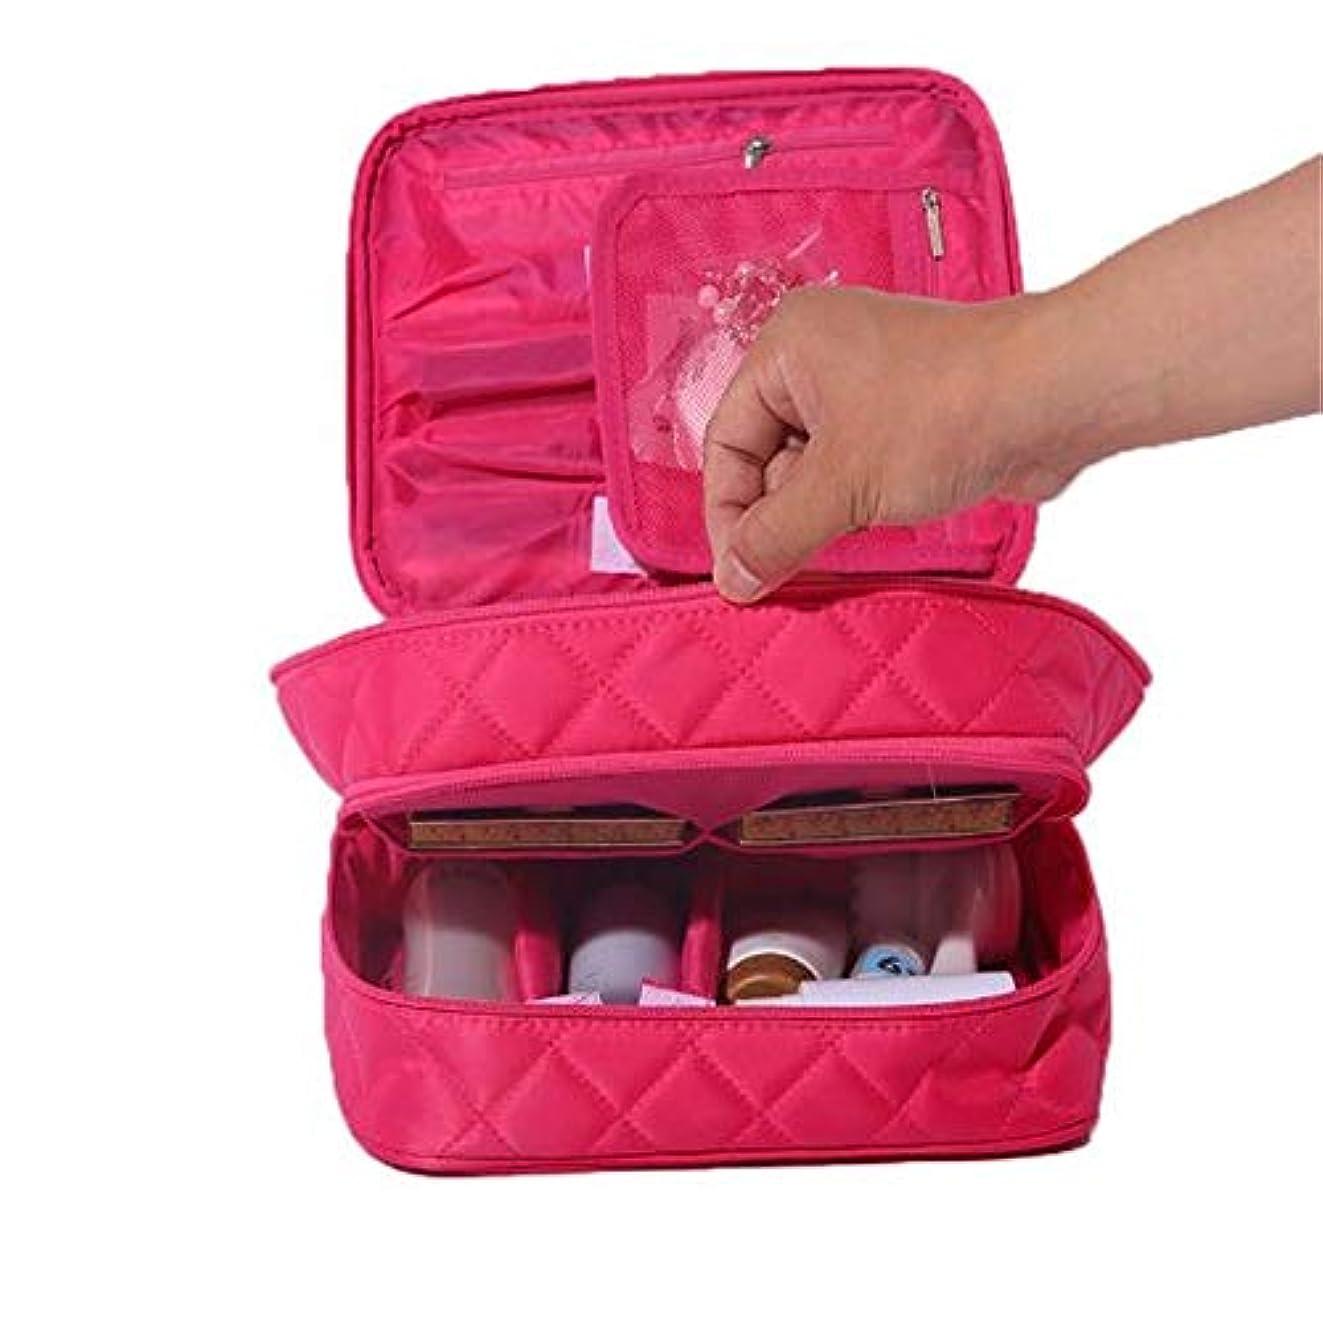 期待ピッチャー謝る化粧オーガナイザーバッグ ポータブルトラベルレディース菱形化粧品バッグナイロンパーティション化粧ケースダブルオープンウォッシュストレージバッグミニ化粧バッグ。 化粧品ケース (色 : 赤)